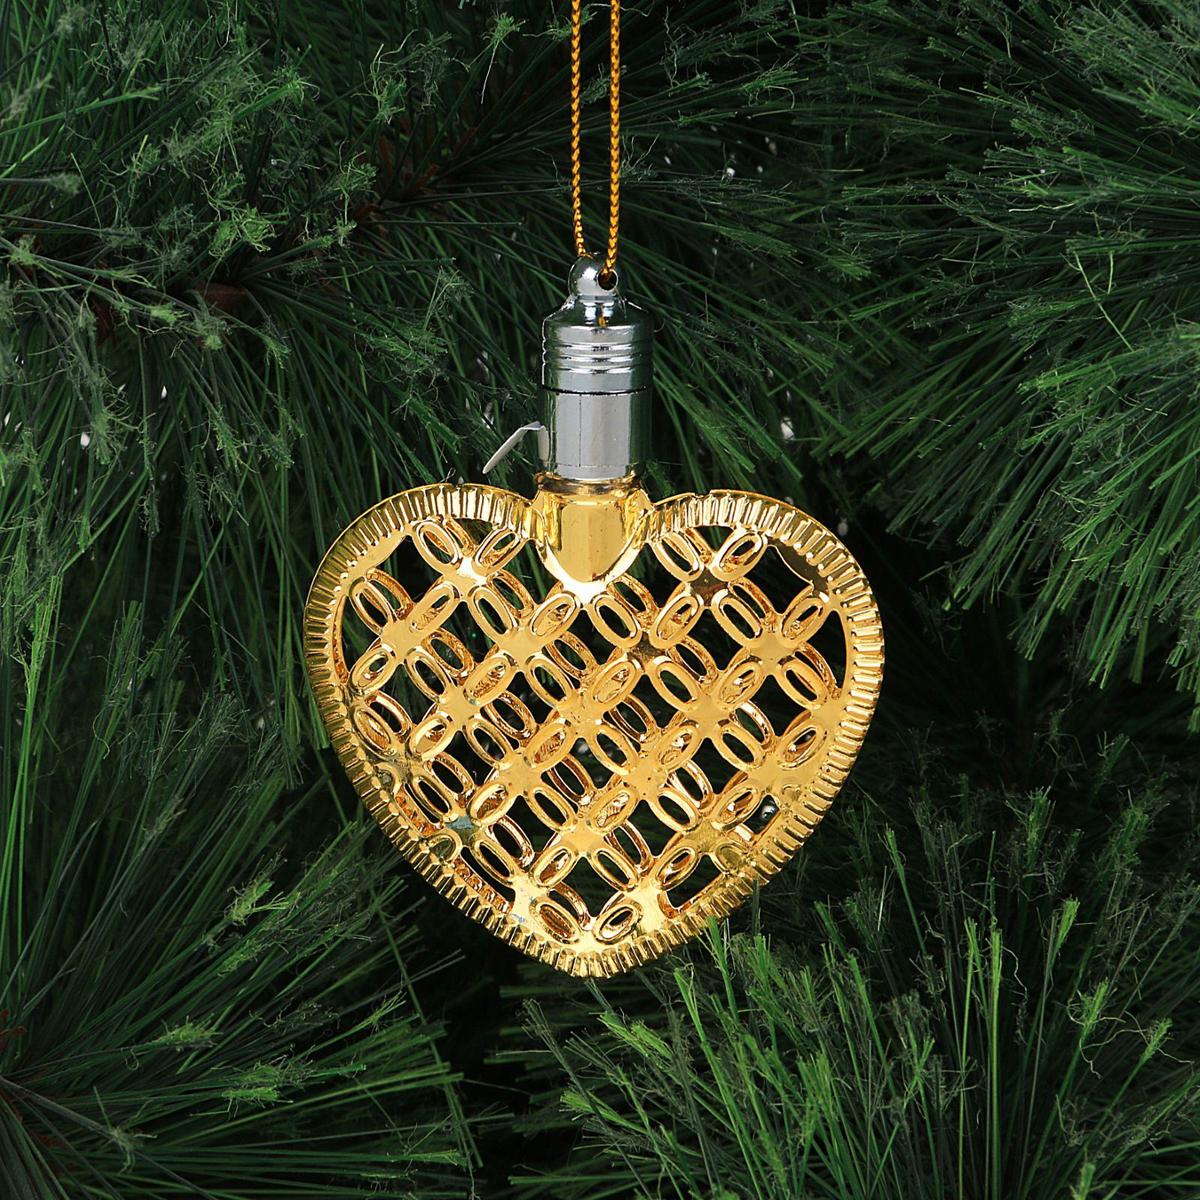 Украшение новогоднее подвесное Luazon Lighting Сердце, световое, цвет: золотой, 7,5 см2327174Световая новогодняя подвеска Luazon Lighting выполнена из металла в виде сердца. Елочное украшение выглядит как простая елочная игрушка днем, но при этом остается видимой вечером. Просто включите изделие с наступлением темноты, и оно украсит елку огоньками. Подвеска Luazon Lighting работает от батареек (входят в комплект) и пожаробезопасна, так как светодиоды не нагреваются, в отличие от ламп накаливания.